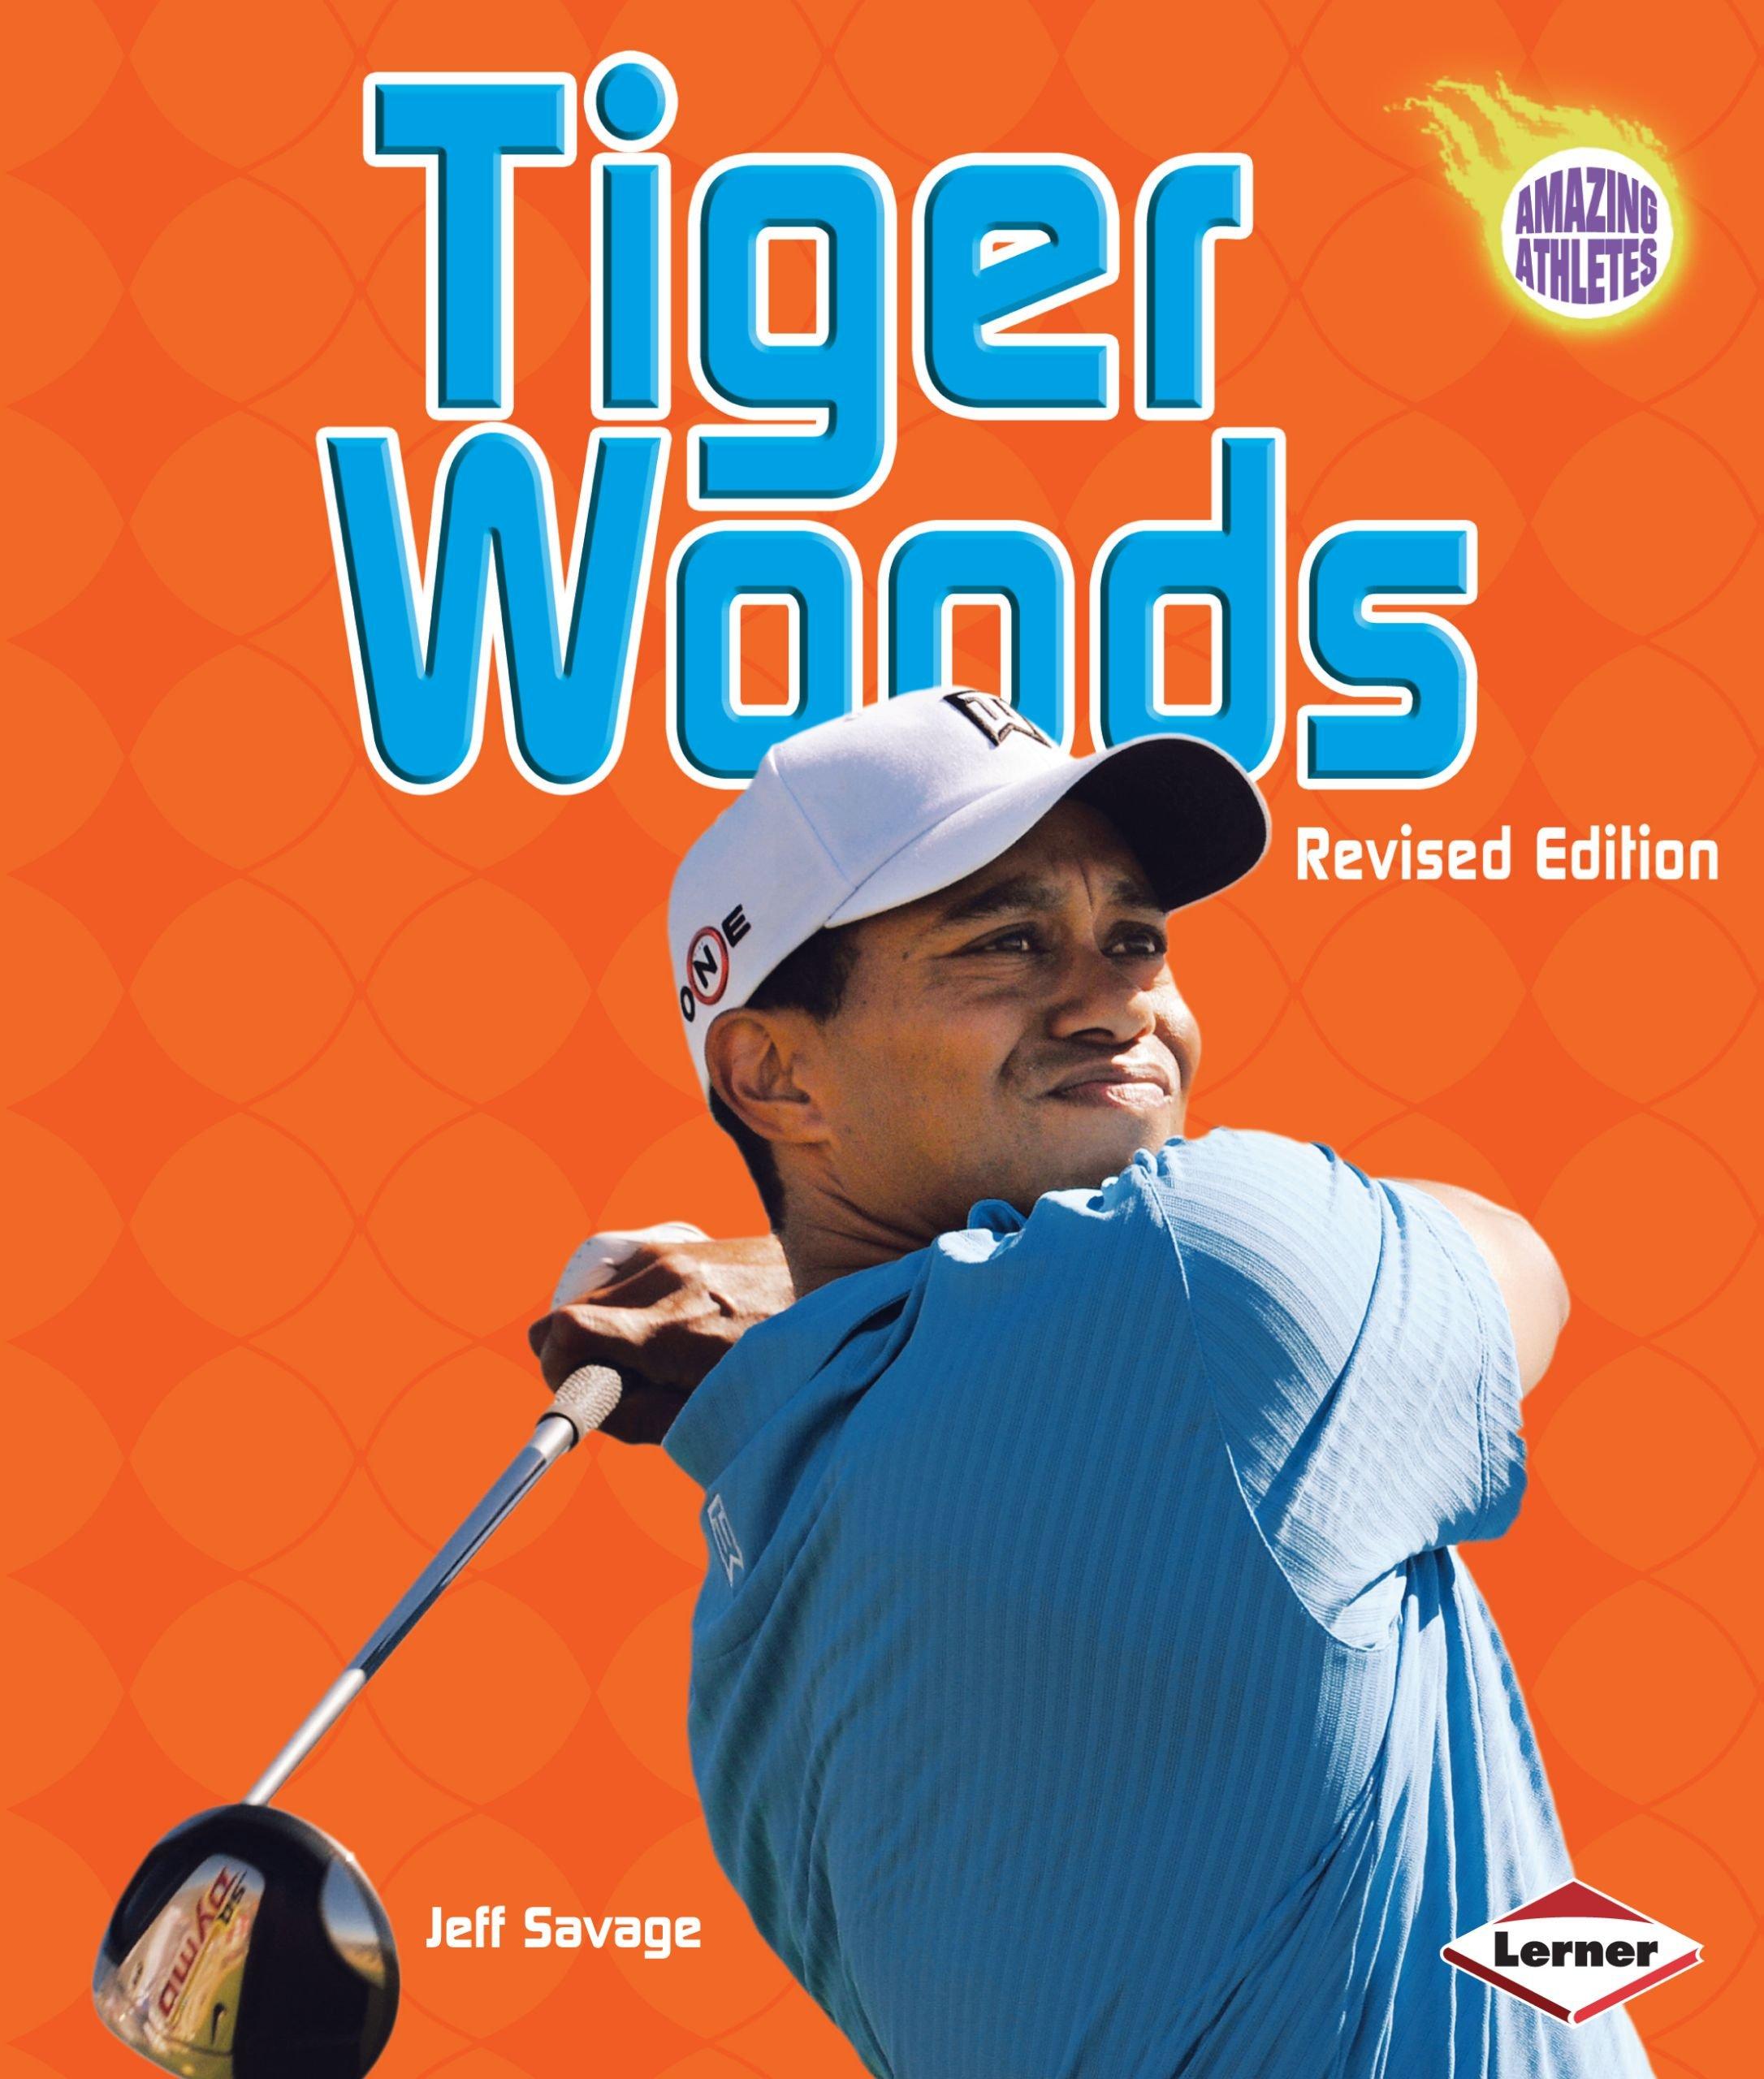 tiger-woods-amazing-athletes